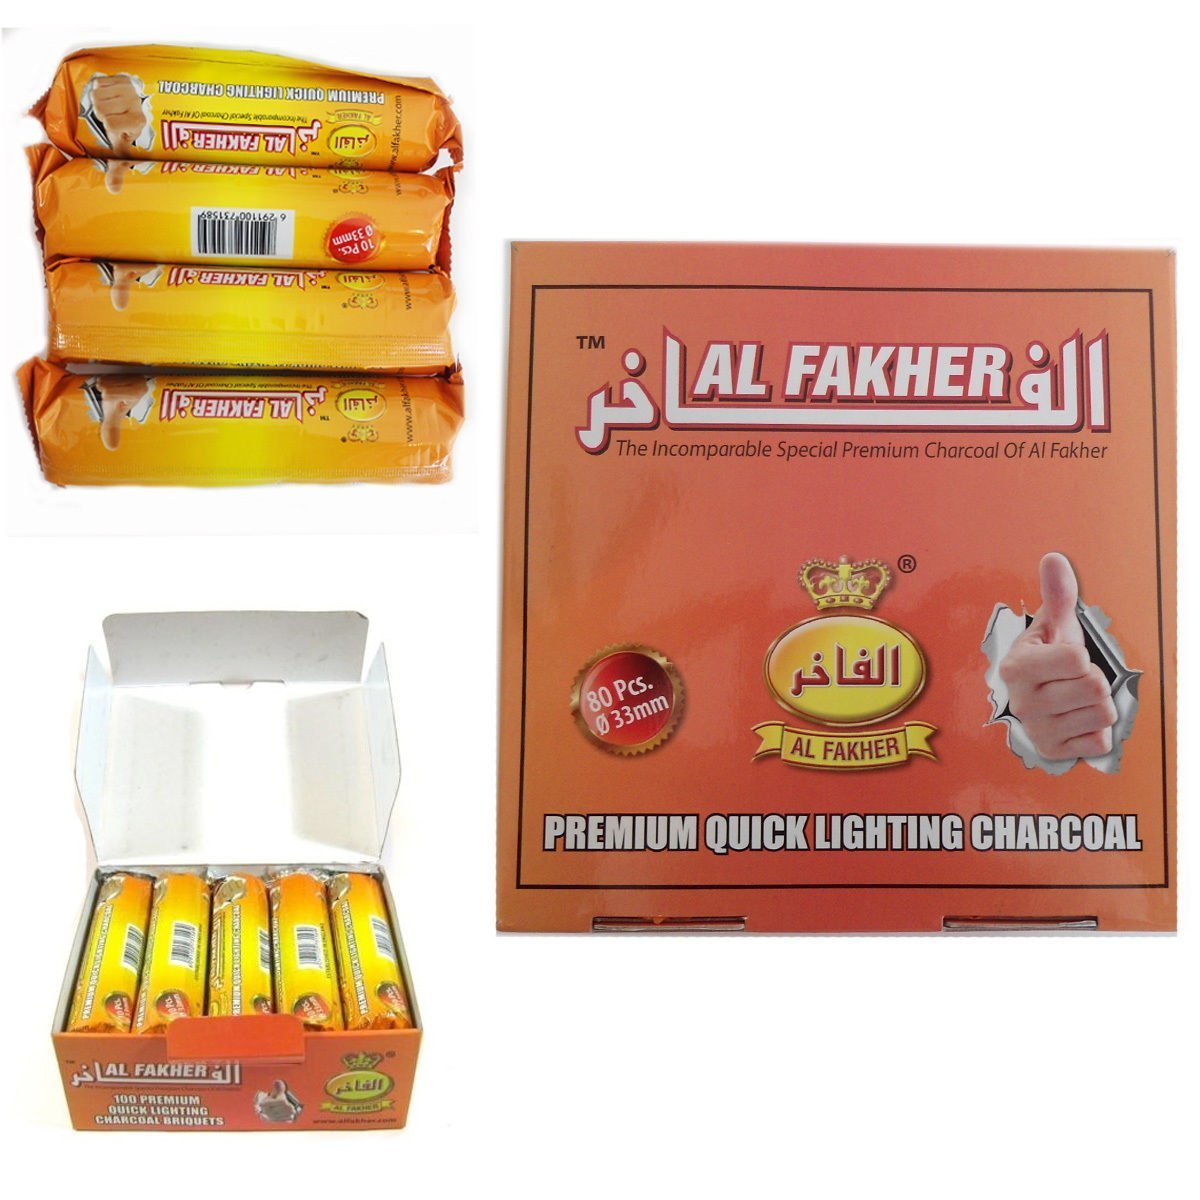 80 Dics Charcoal AL-FAKHER Quick Lighting Shisha Hookah 8 Roll Coal Disc Briquet Box